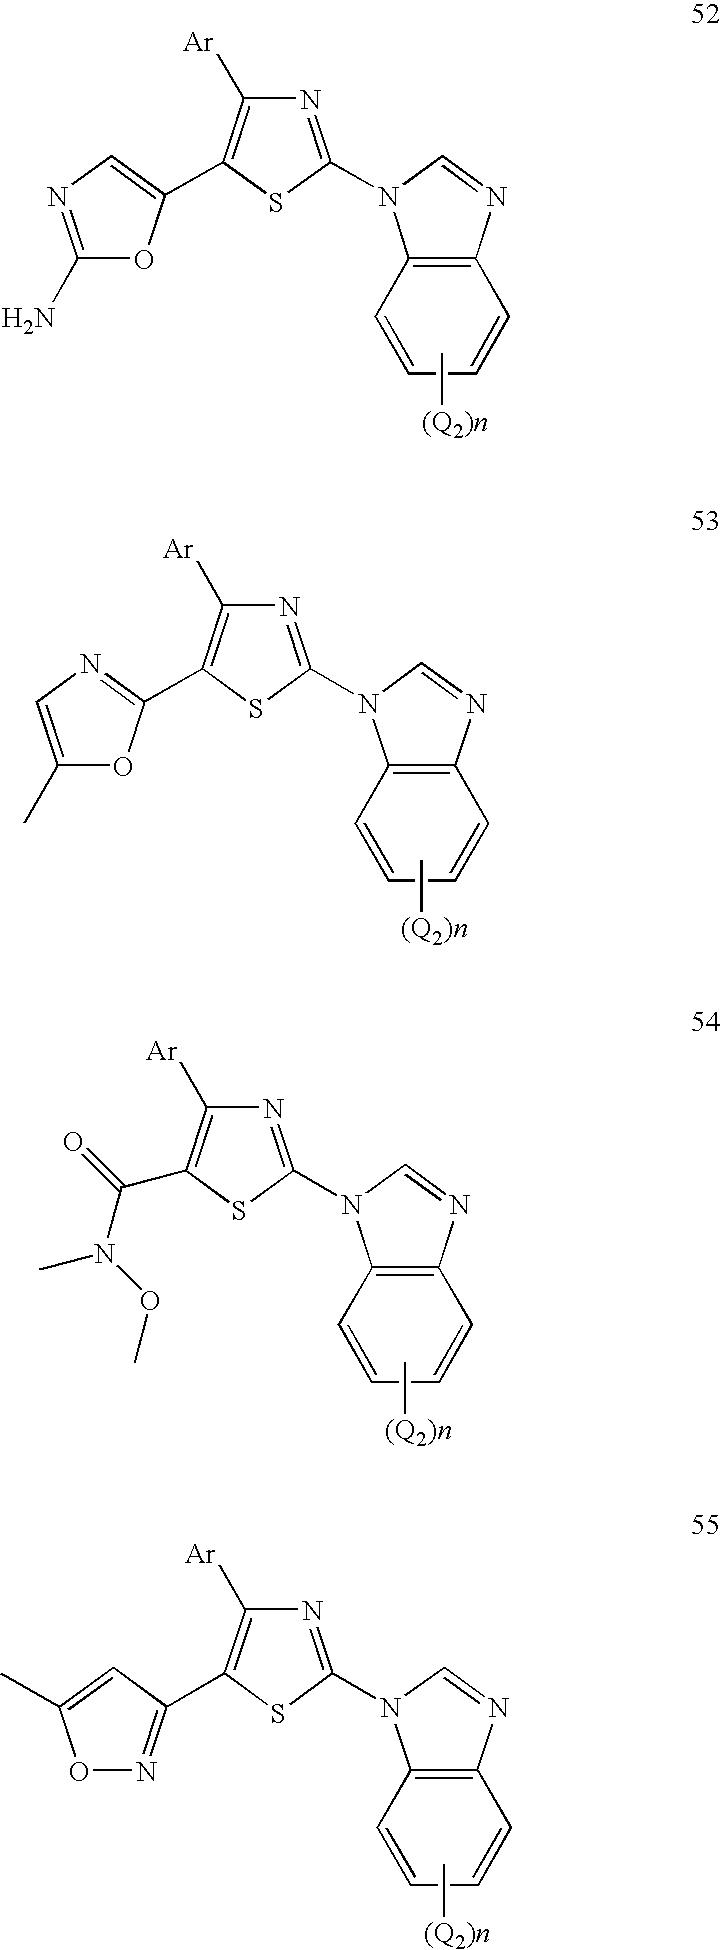 Figure US07504513-20090317-C00051